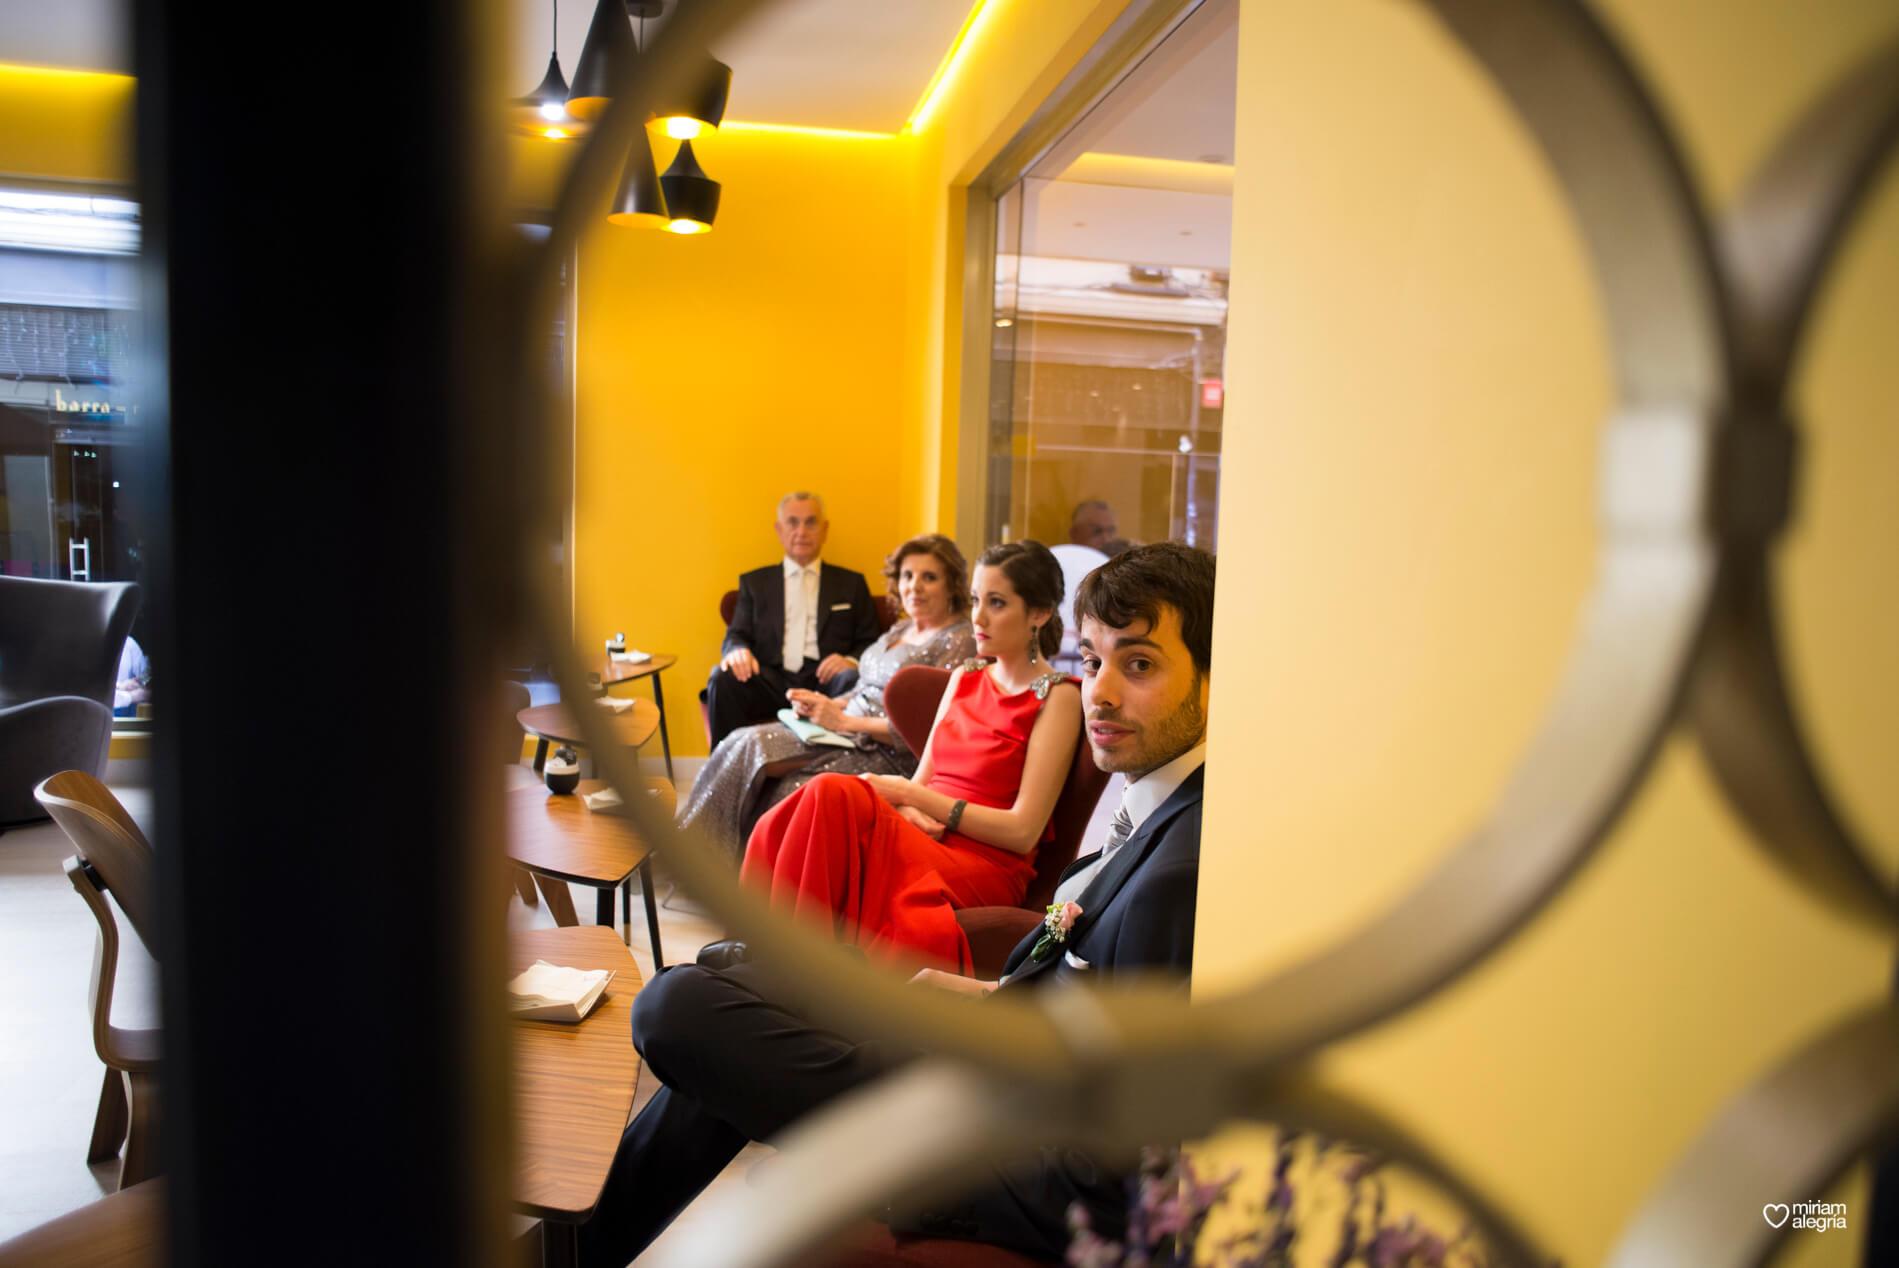 boda-civil-en-el-casino-de-murcia-miriam-alegria-fotografos-de-boda-13